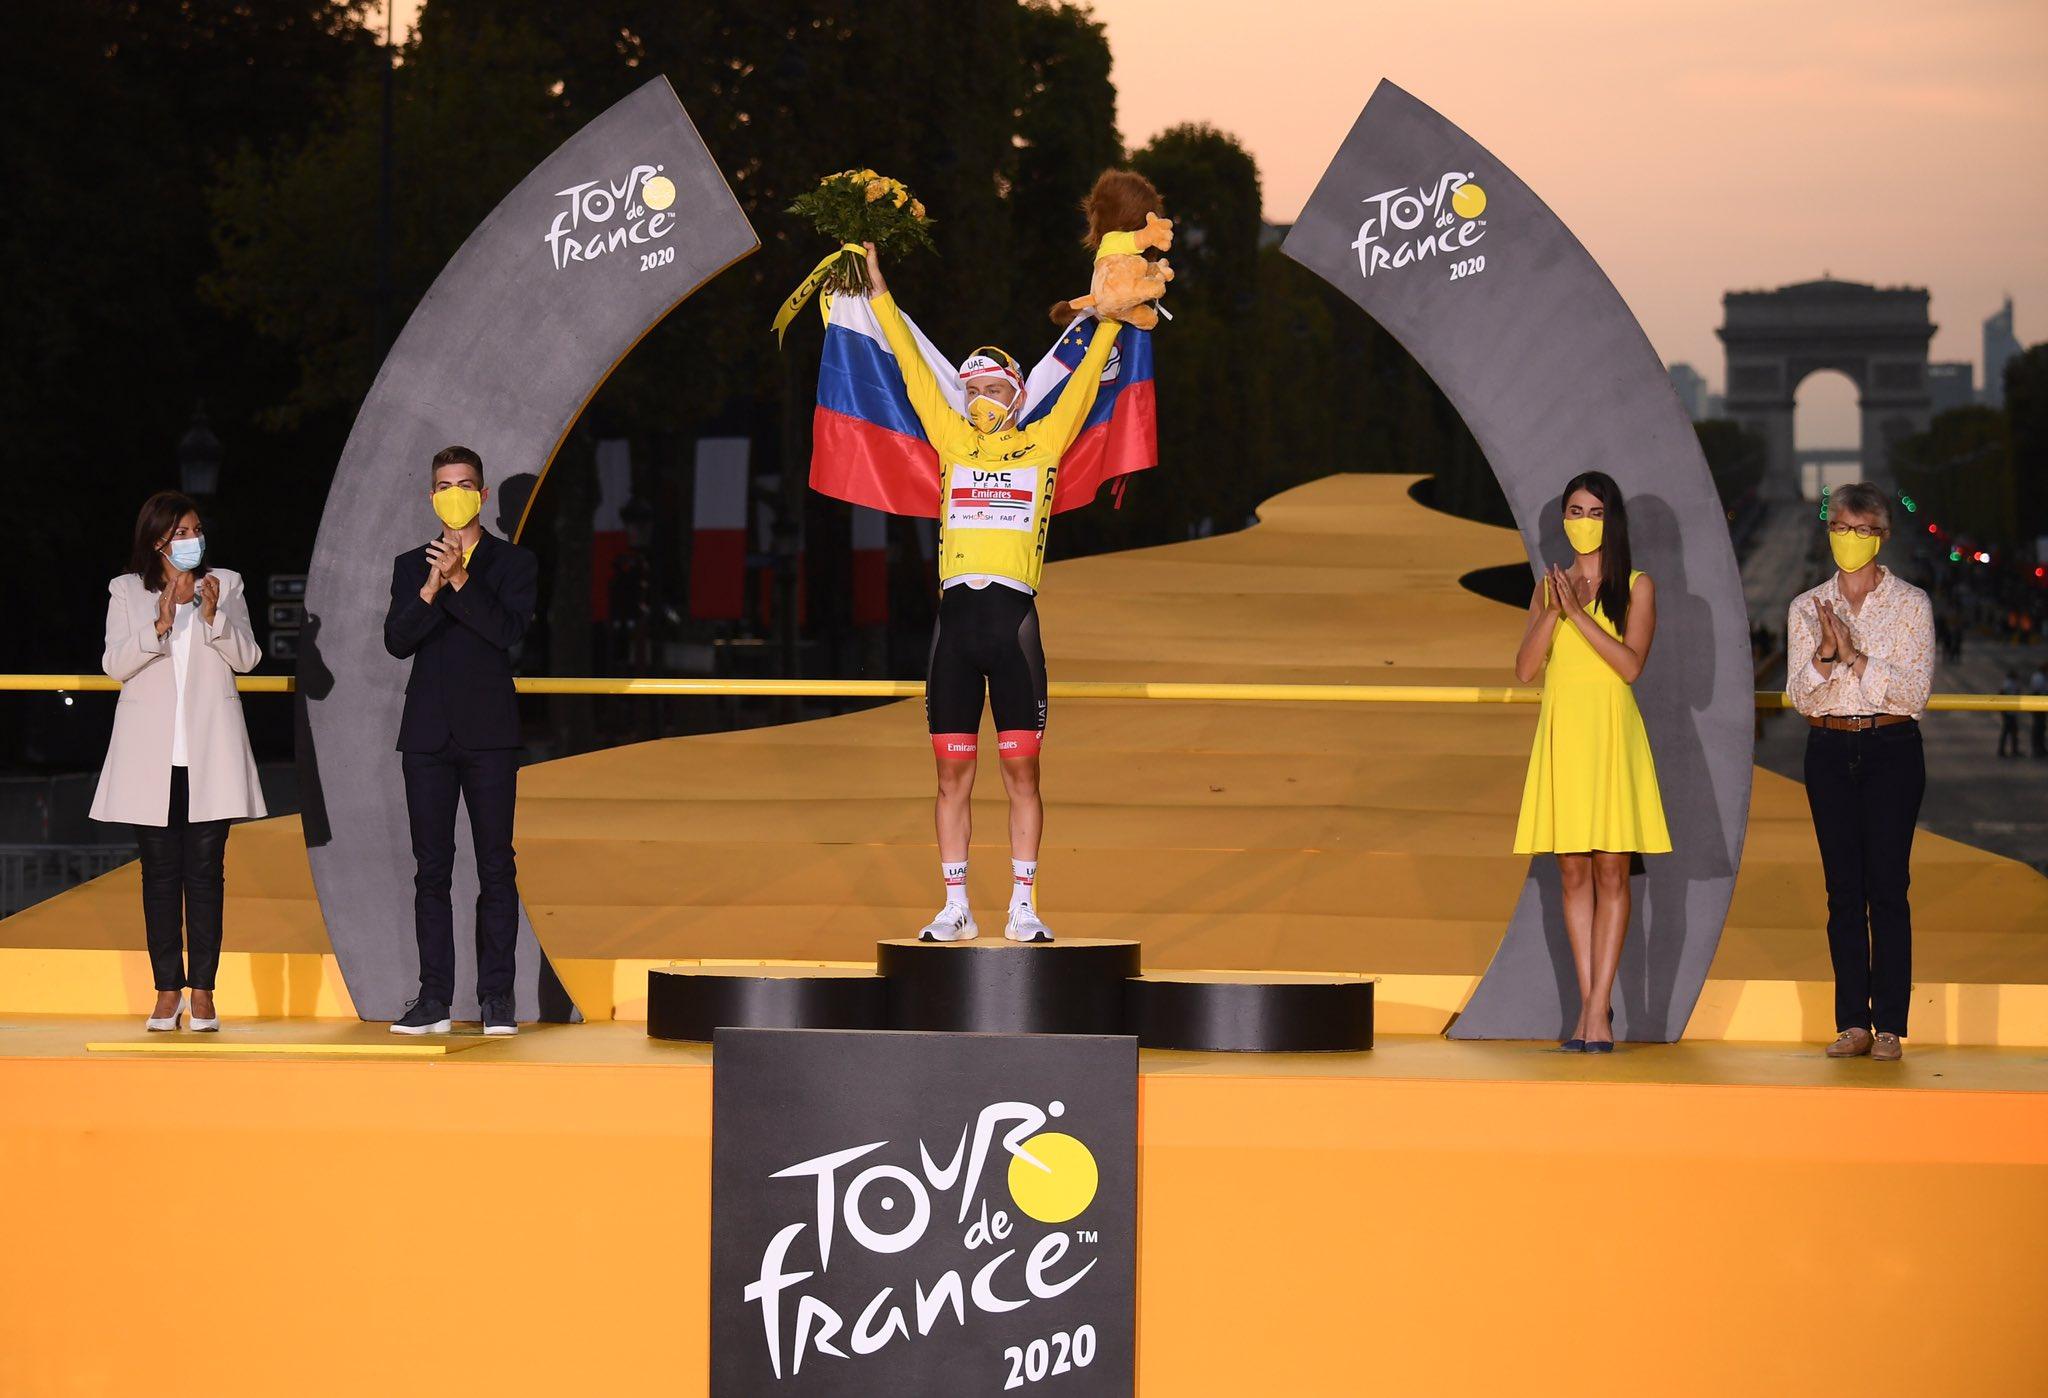 Belles audiences pour le Tour de France